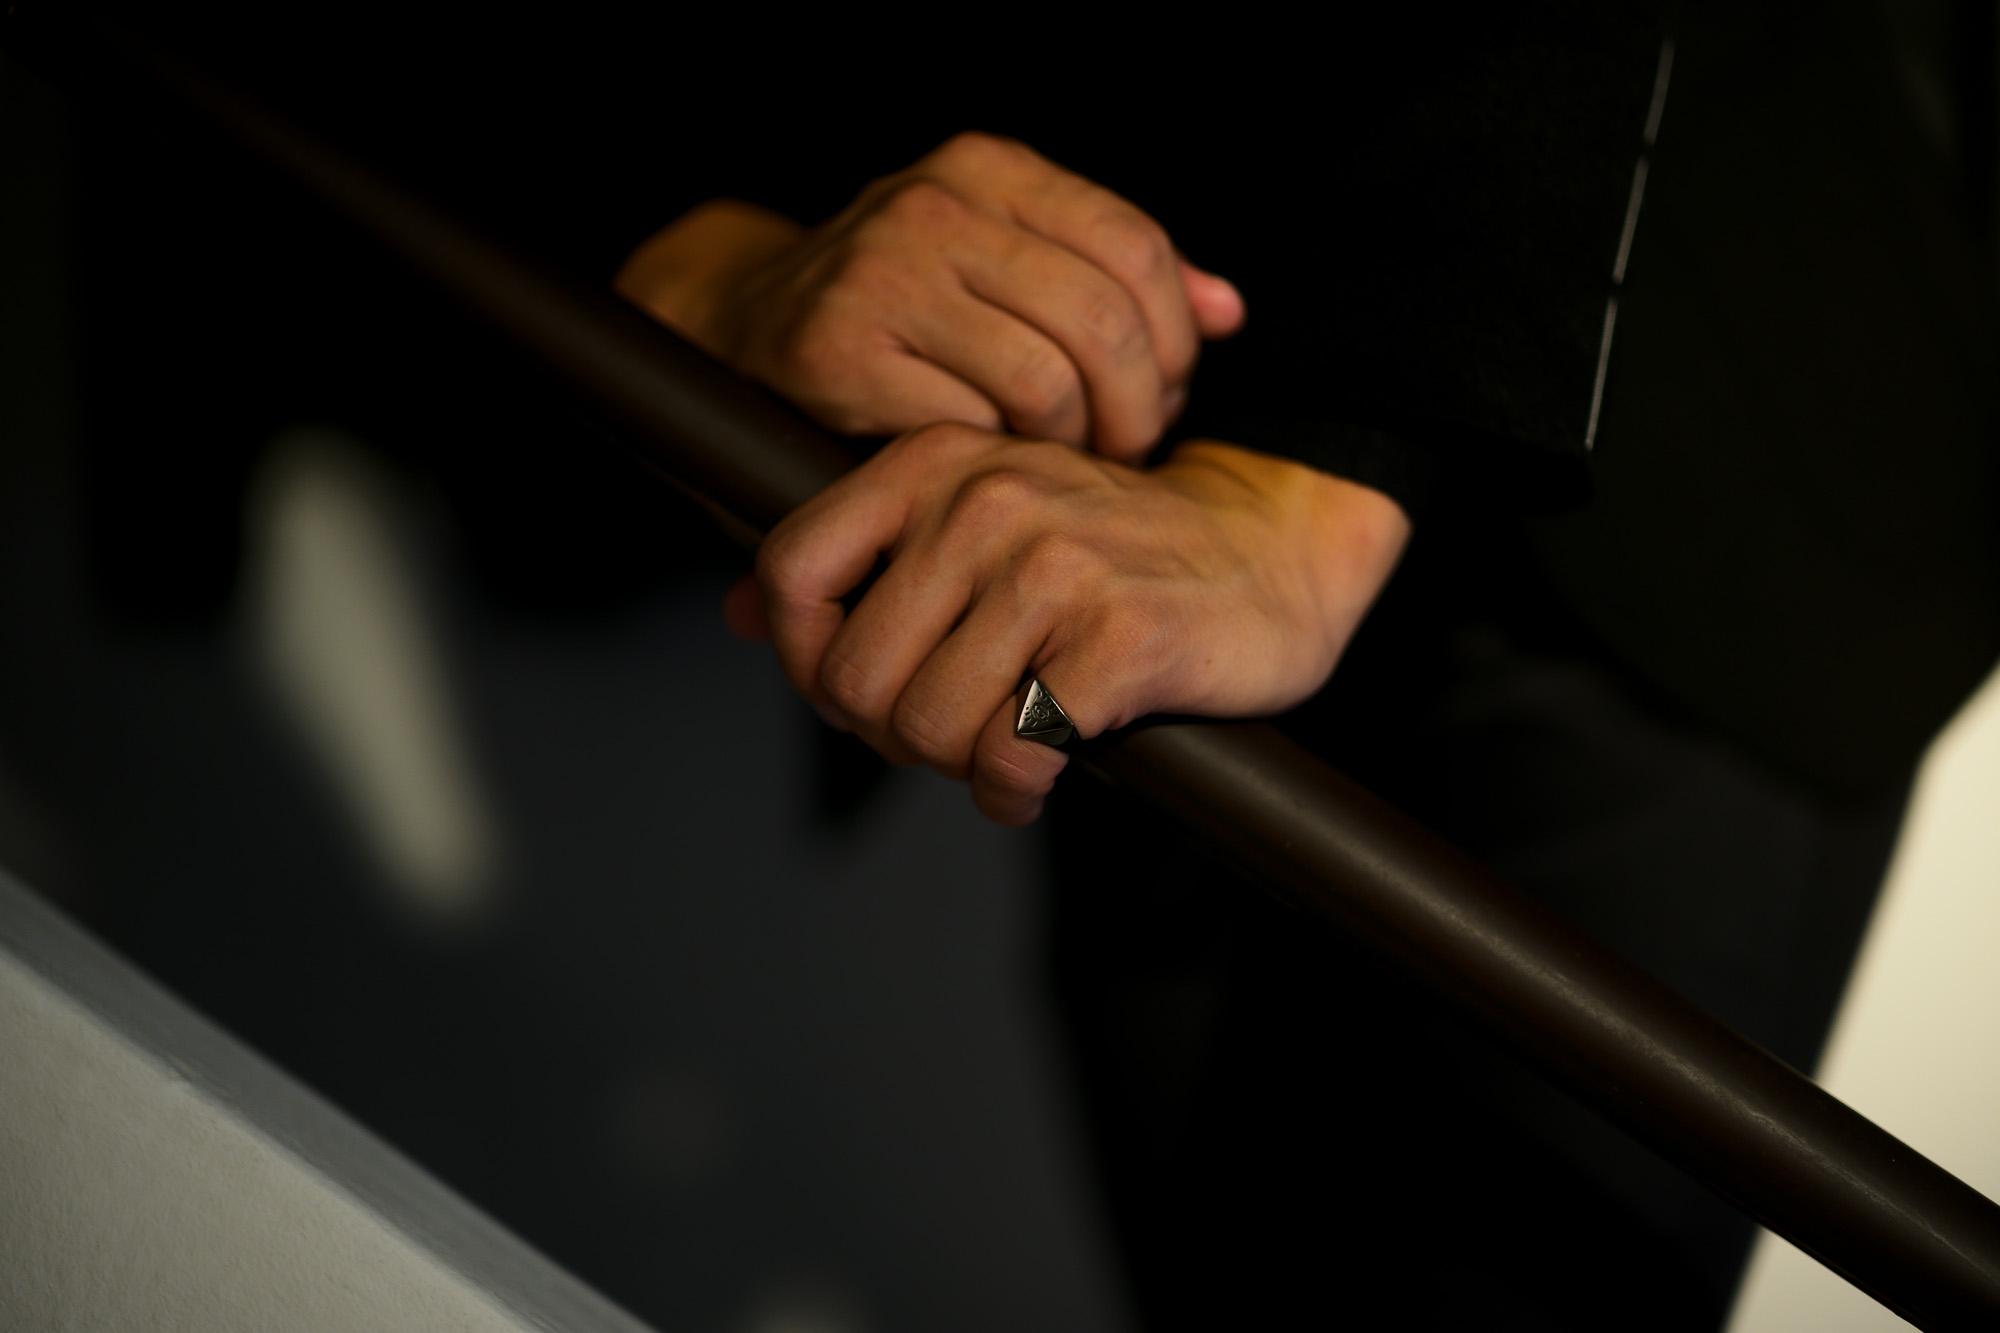 FIXER(フィクサー) ILLUMINATI EYES RING BLACK RHODIUM(ブラック ロジウム) イルミナティ アイズリング BLACK(ブラック) 【ご予約受付中】愛知 名古屋 Alto e Diritto アルトエデリット シルバーリング リング